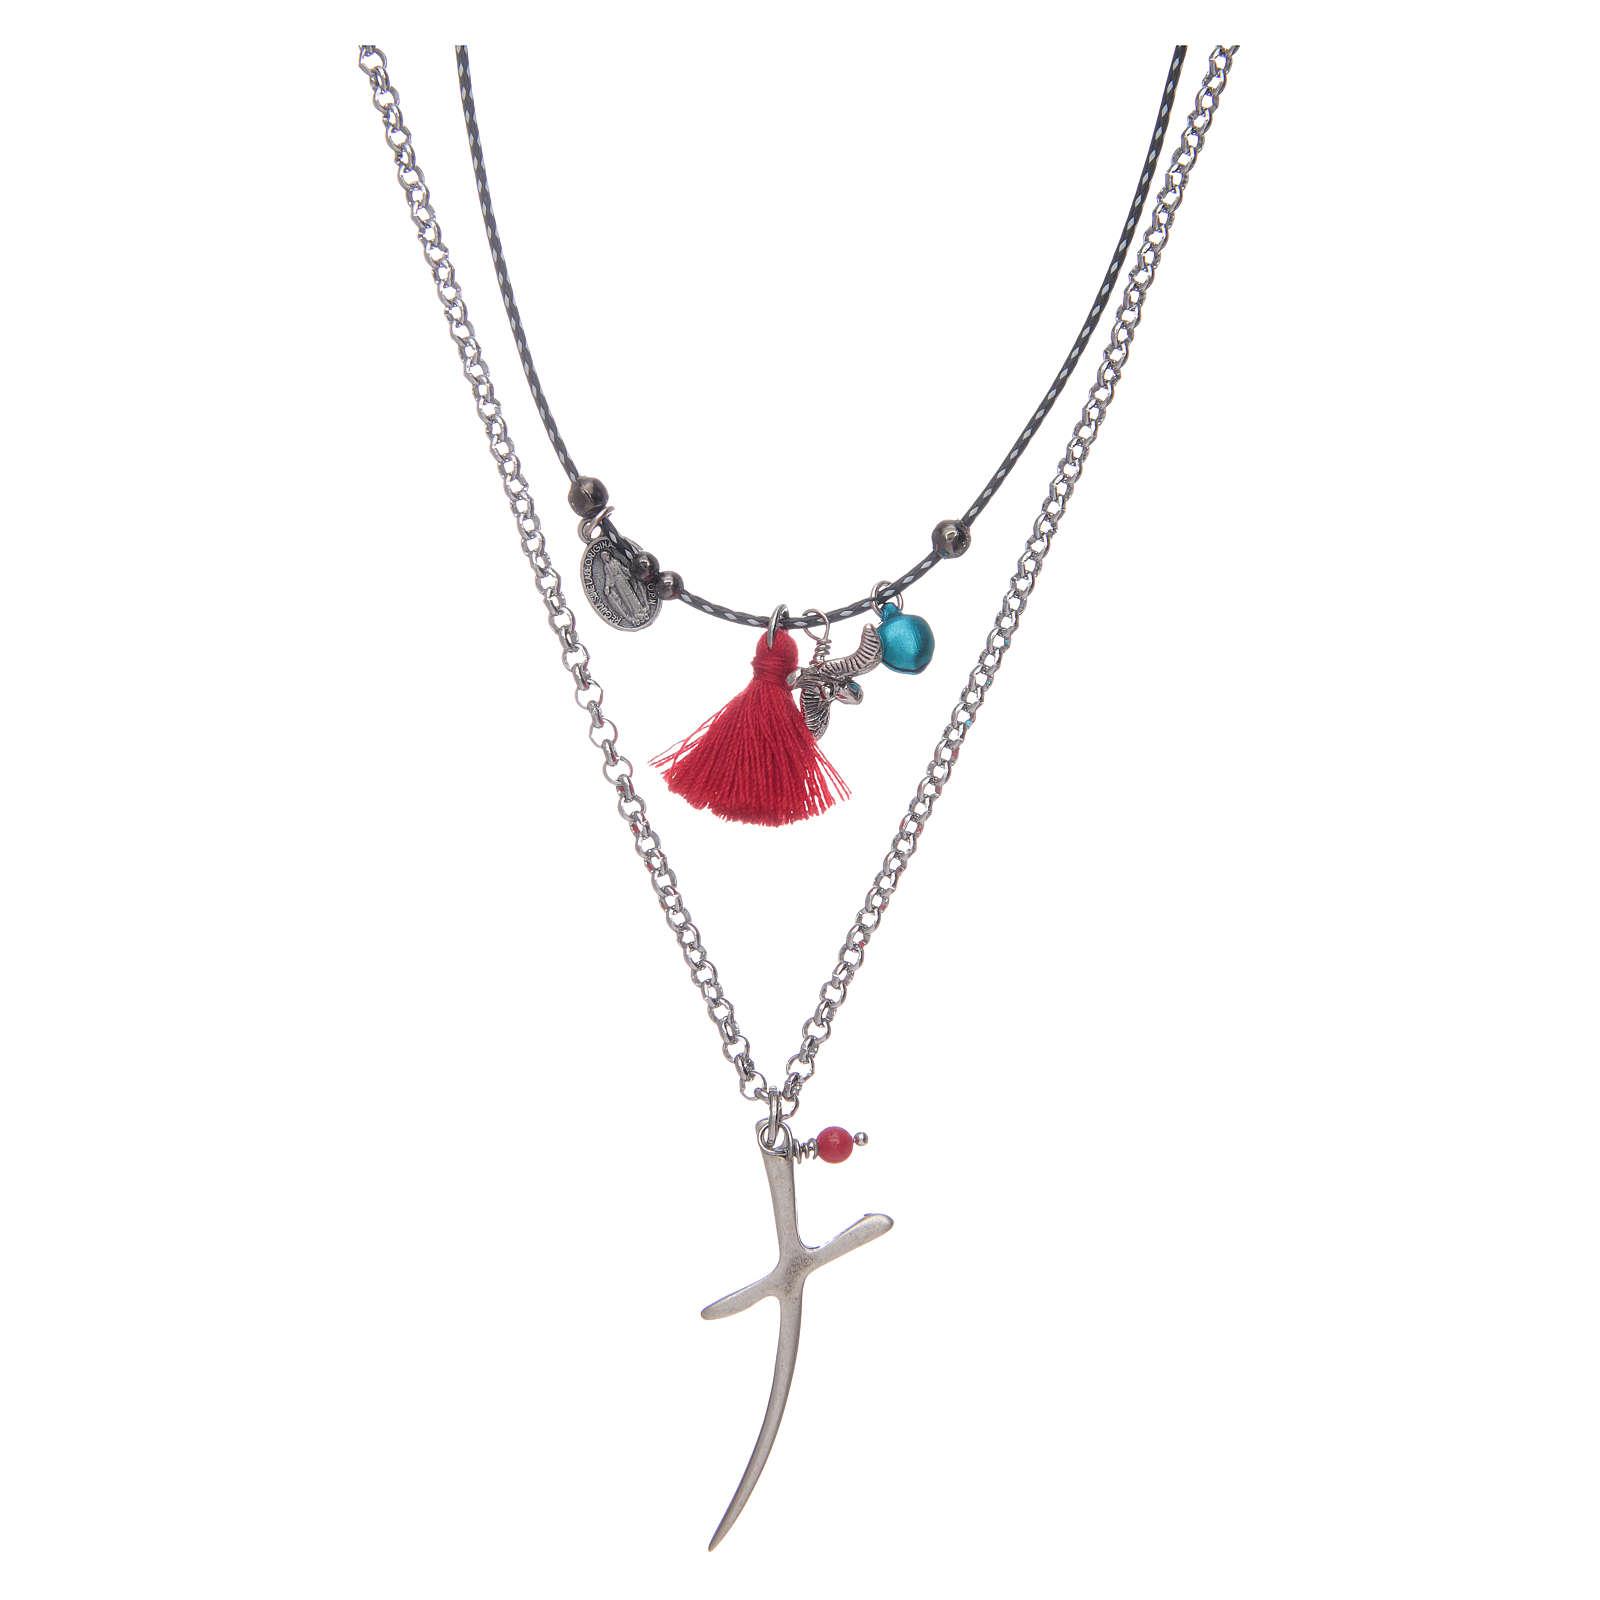 Collana catena con croce stilizzata e nappina rossa 4